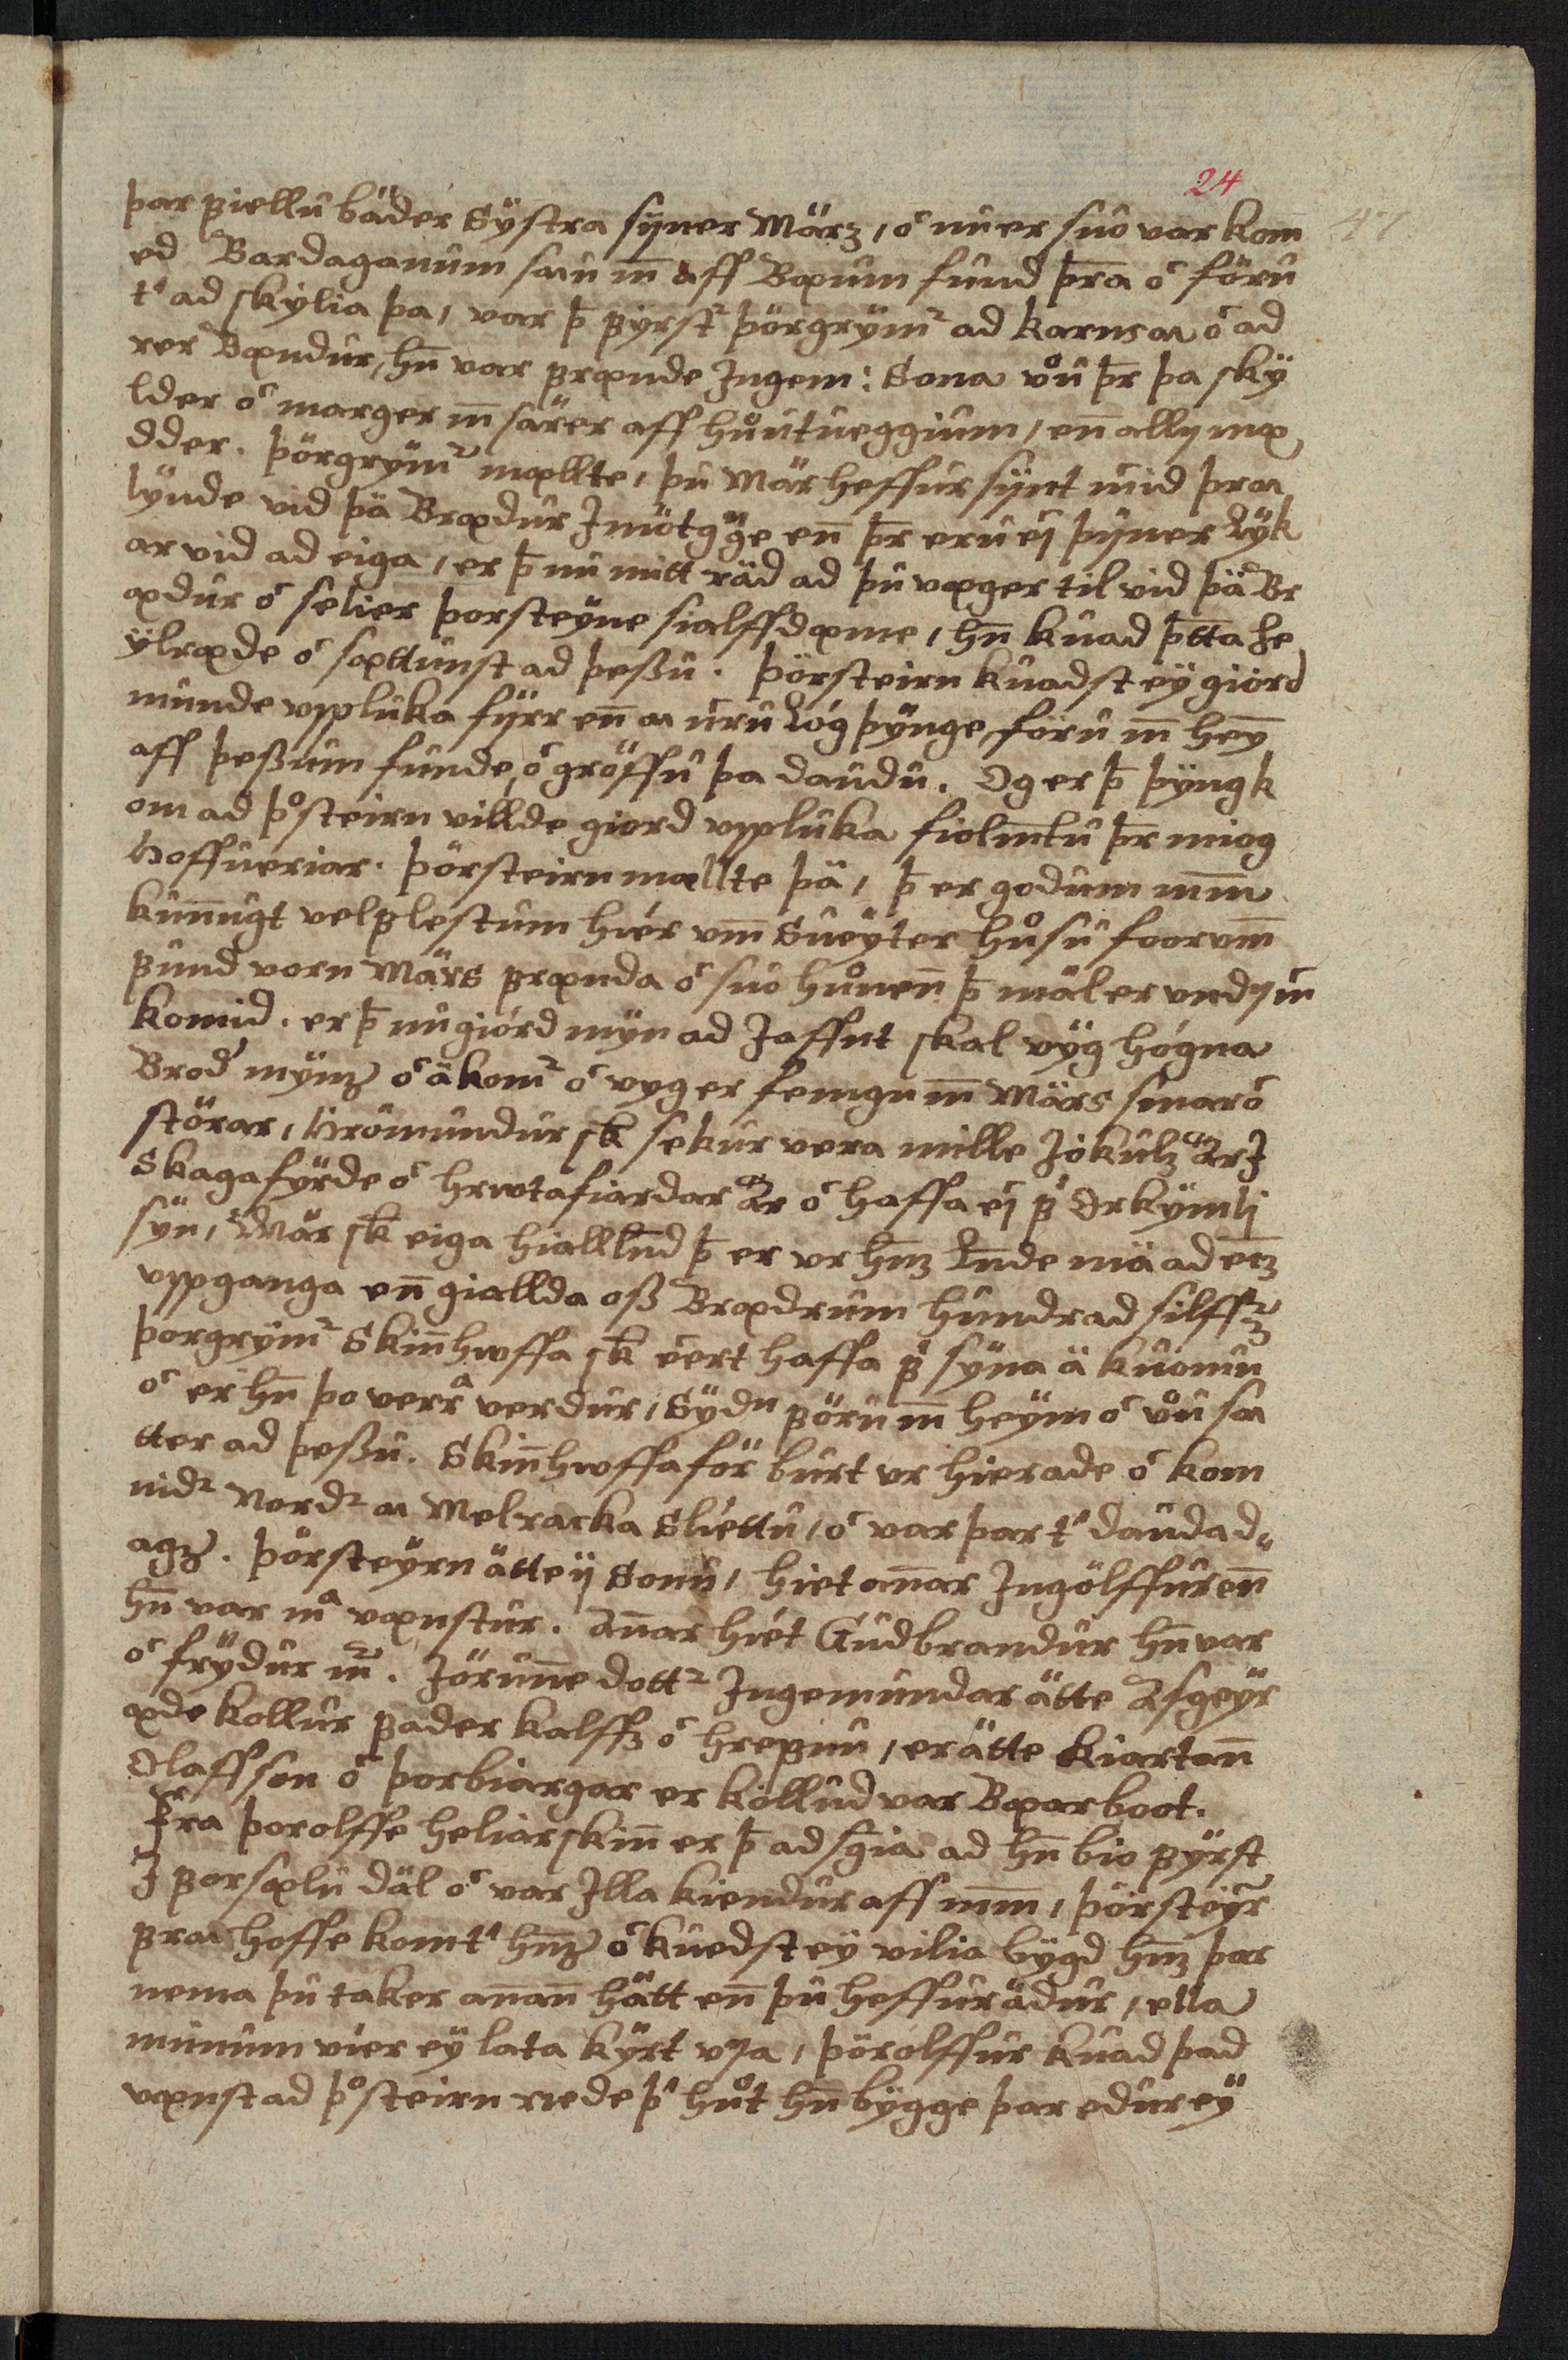 AM 138 fol - 24r